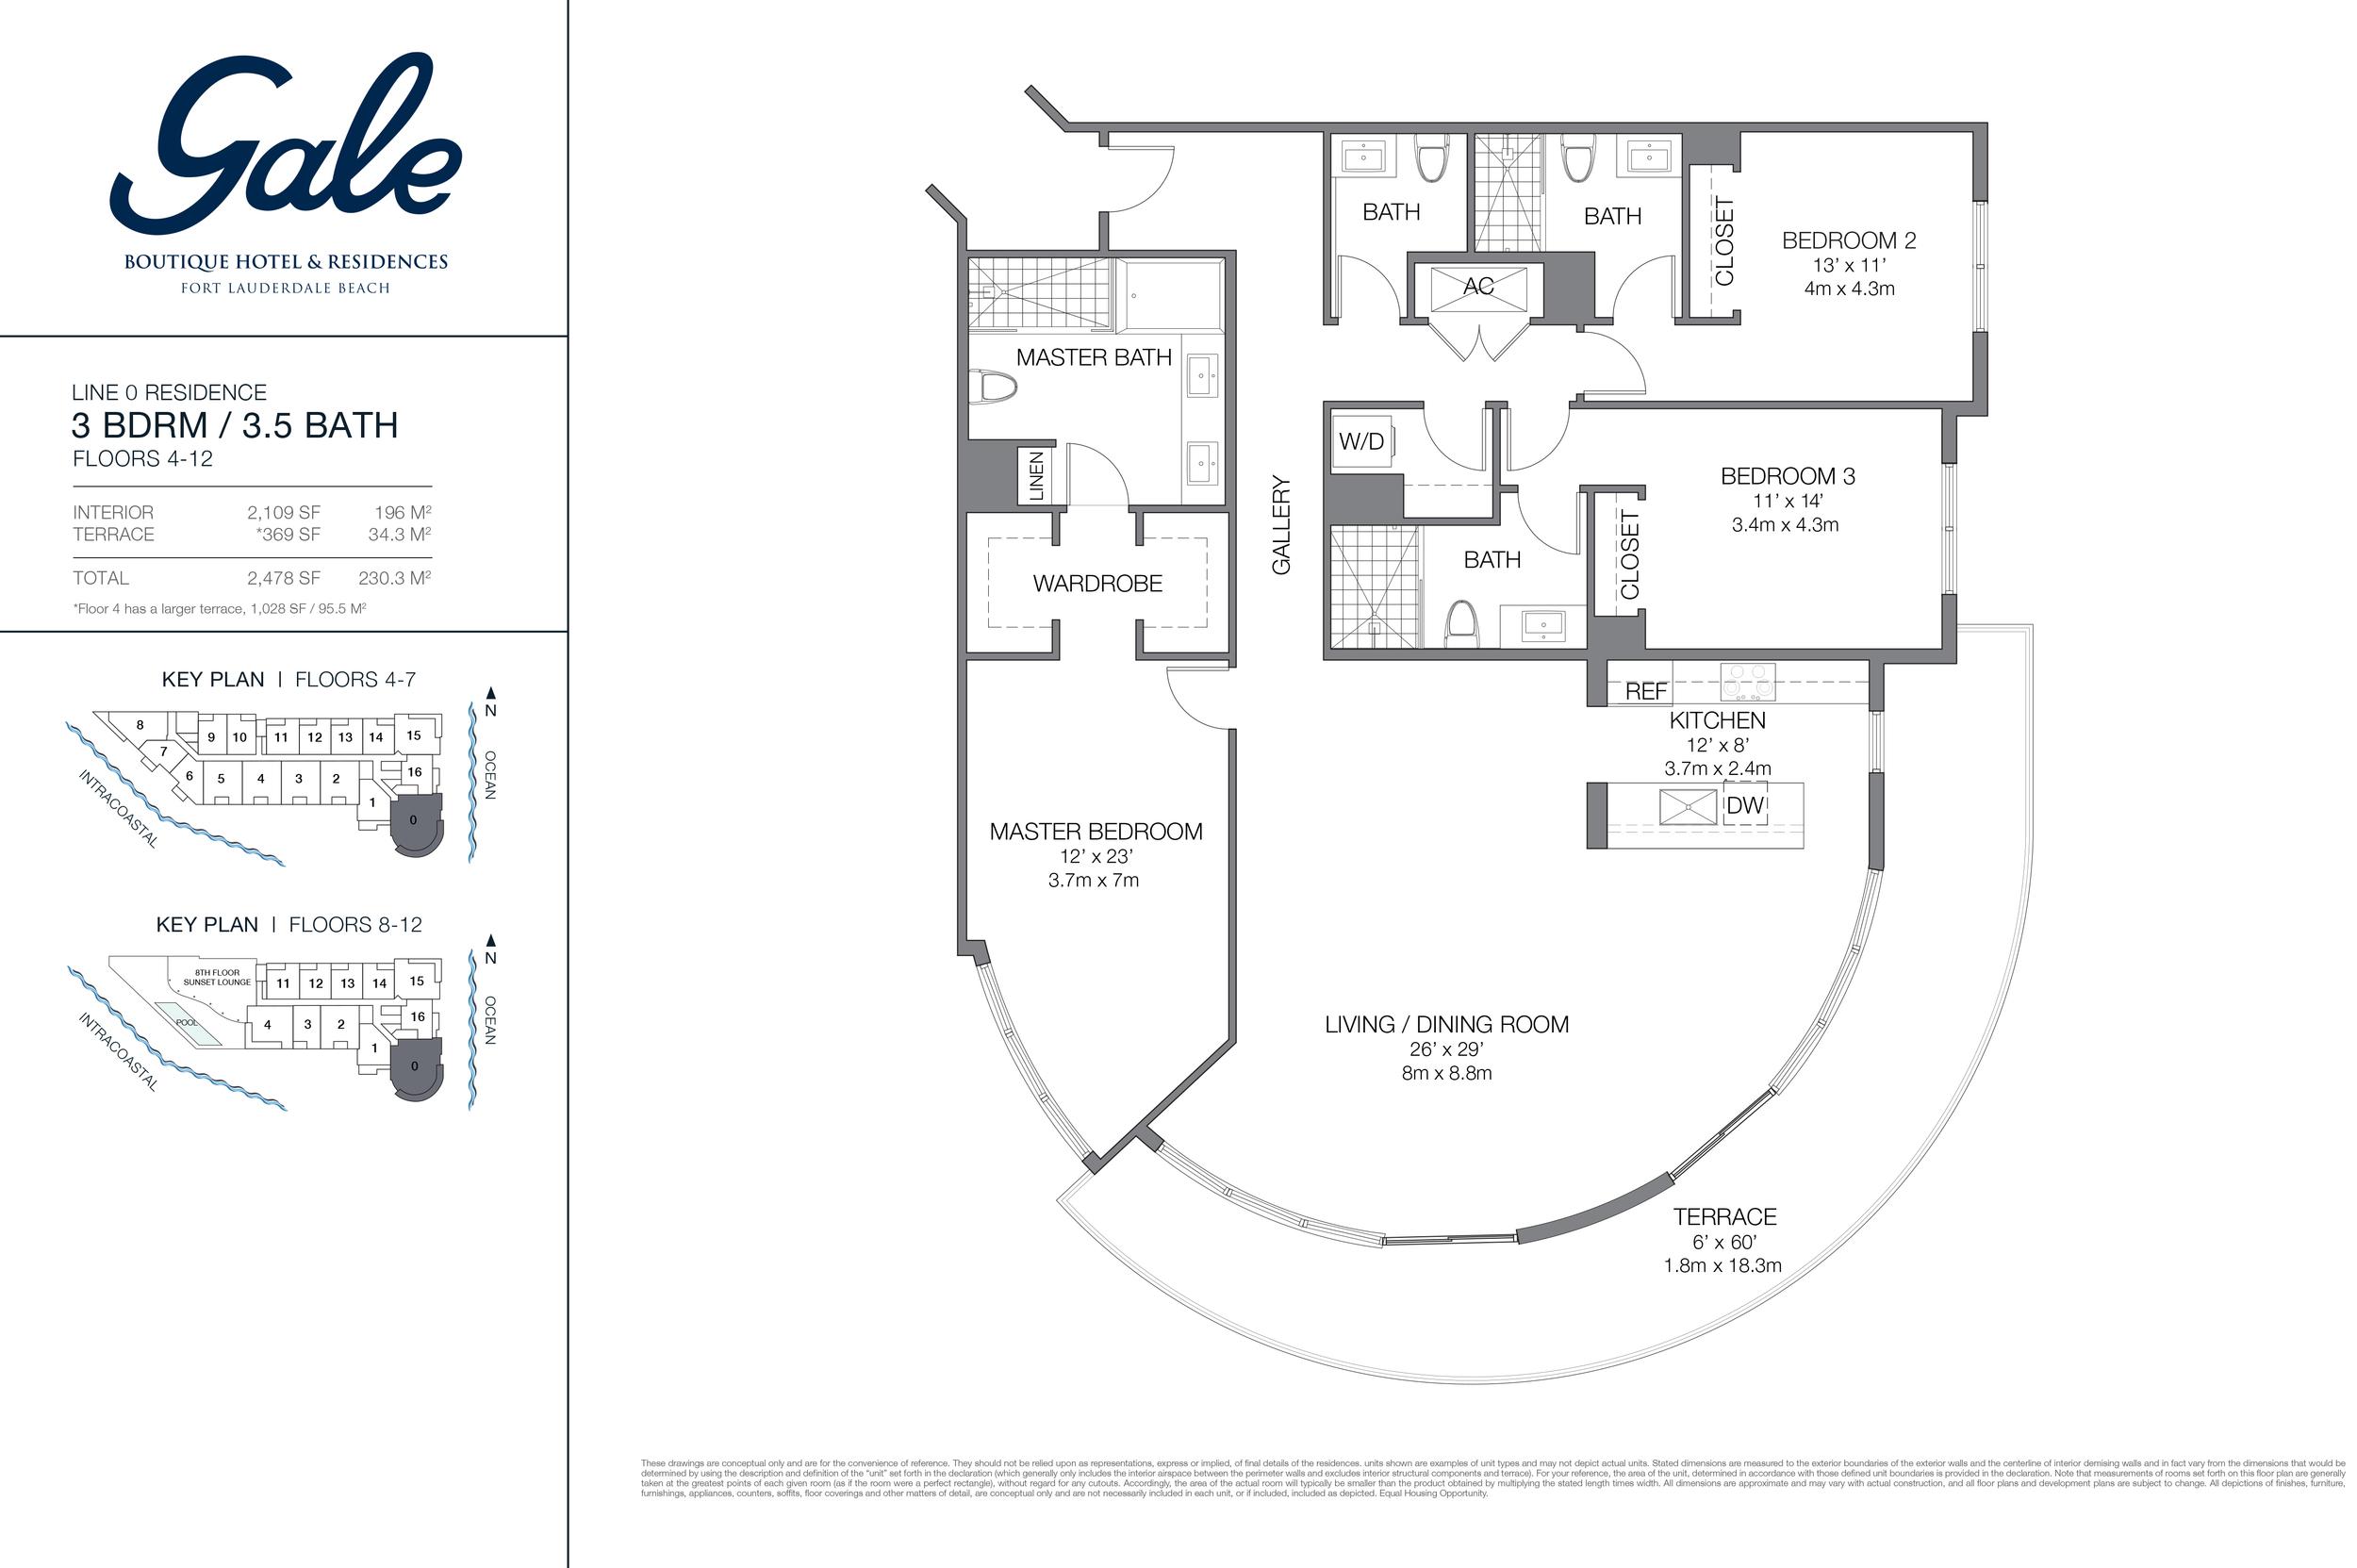 Gale Ft.Lauderdale Floor Plan Line 0